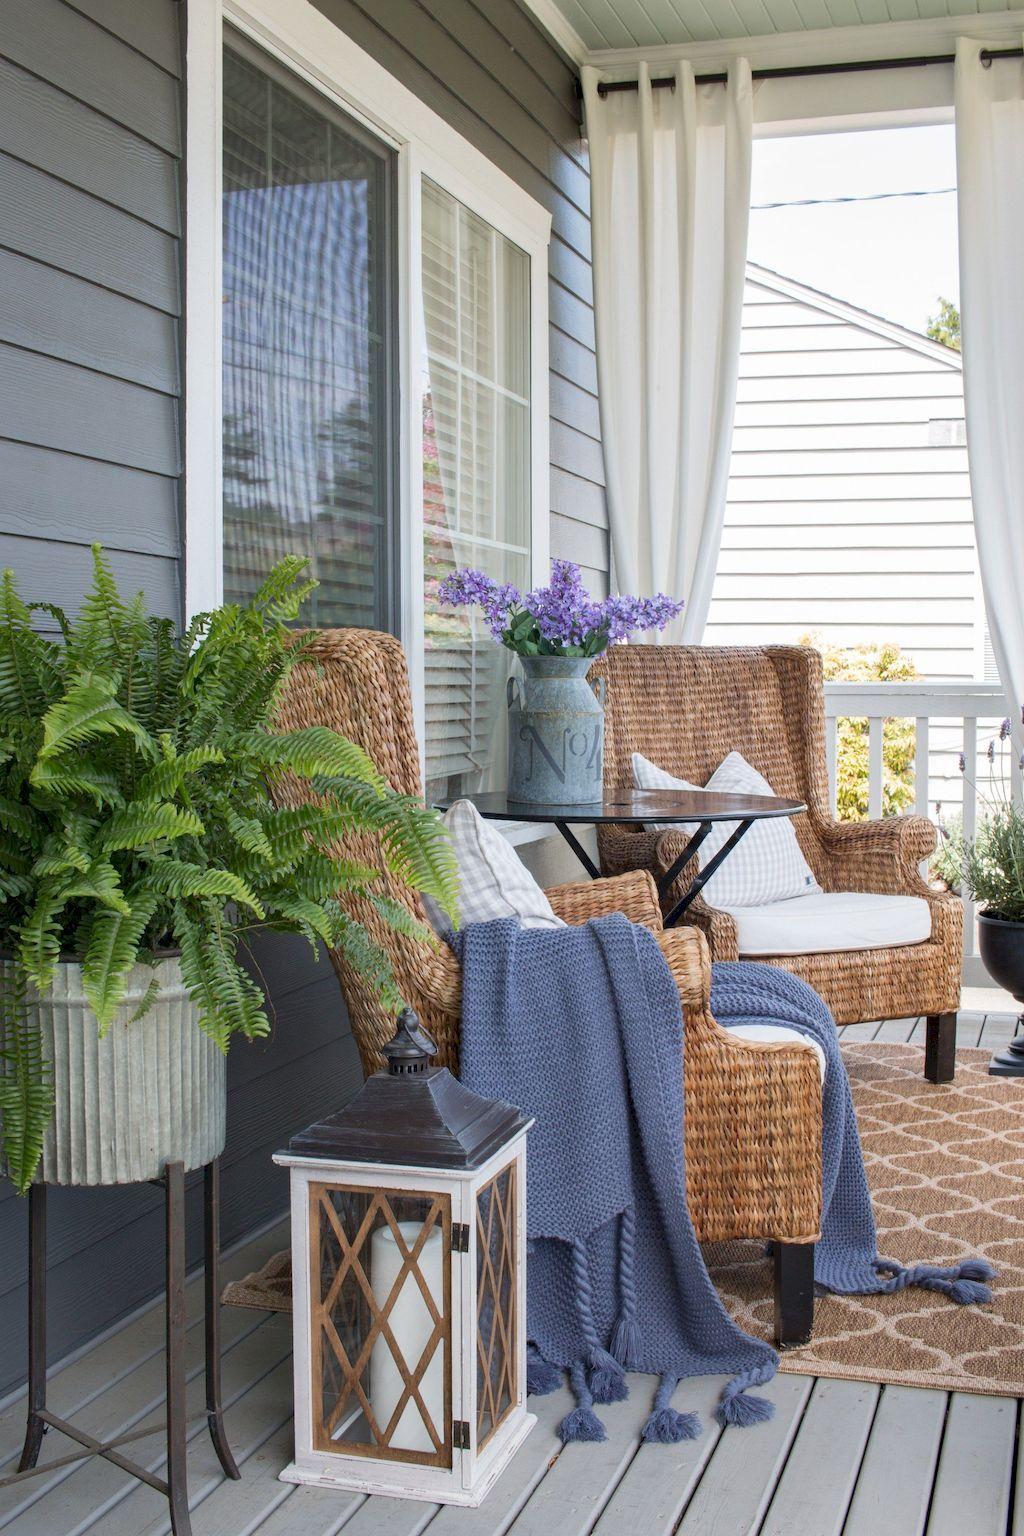 65 Summer Porch Decor Ideas to Inspire You This Season -   21 long porch decor ideas